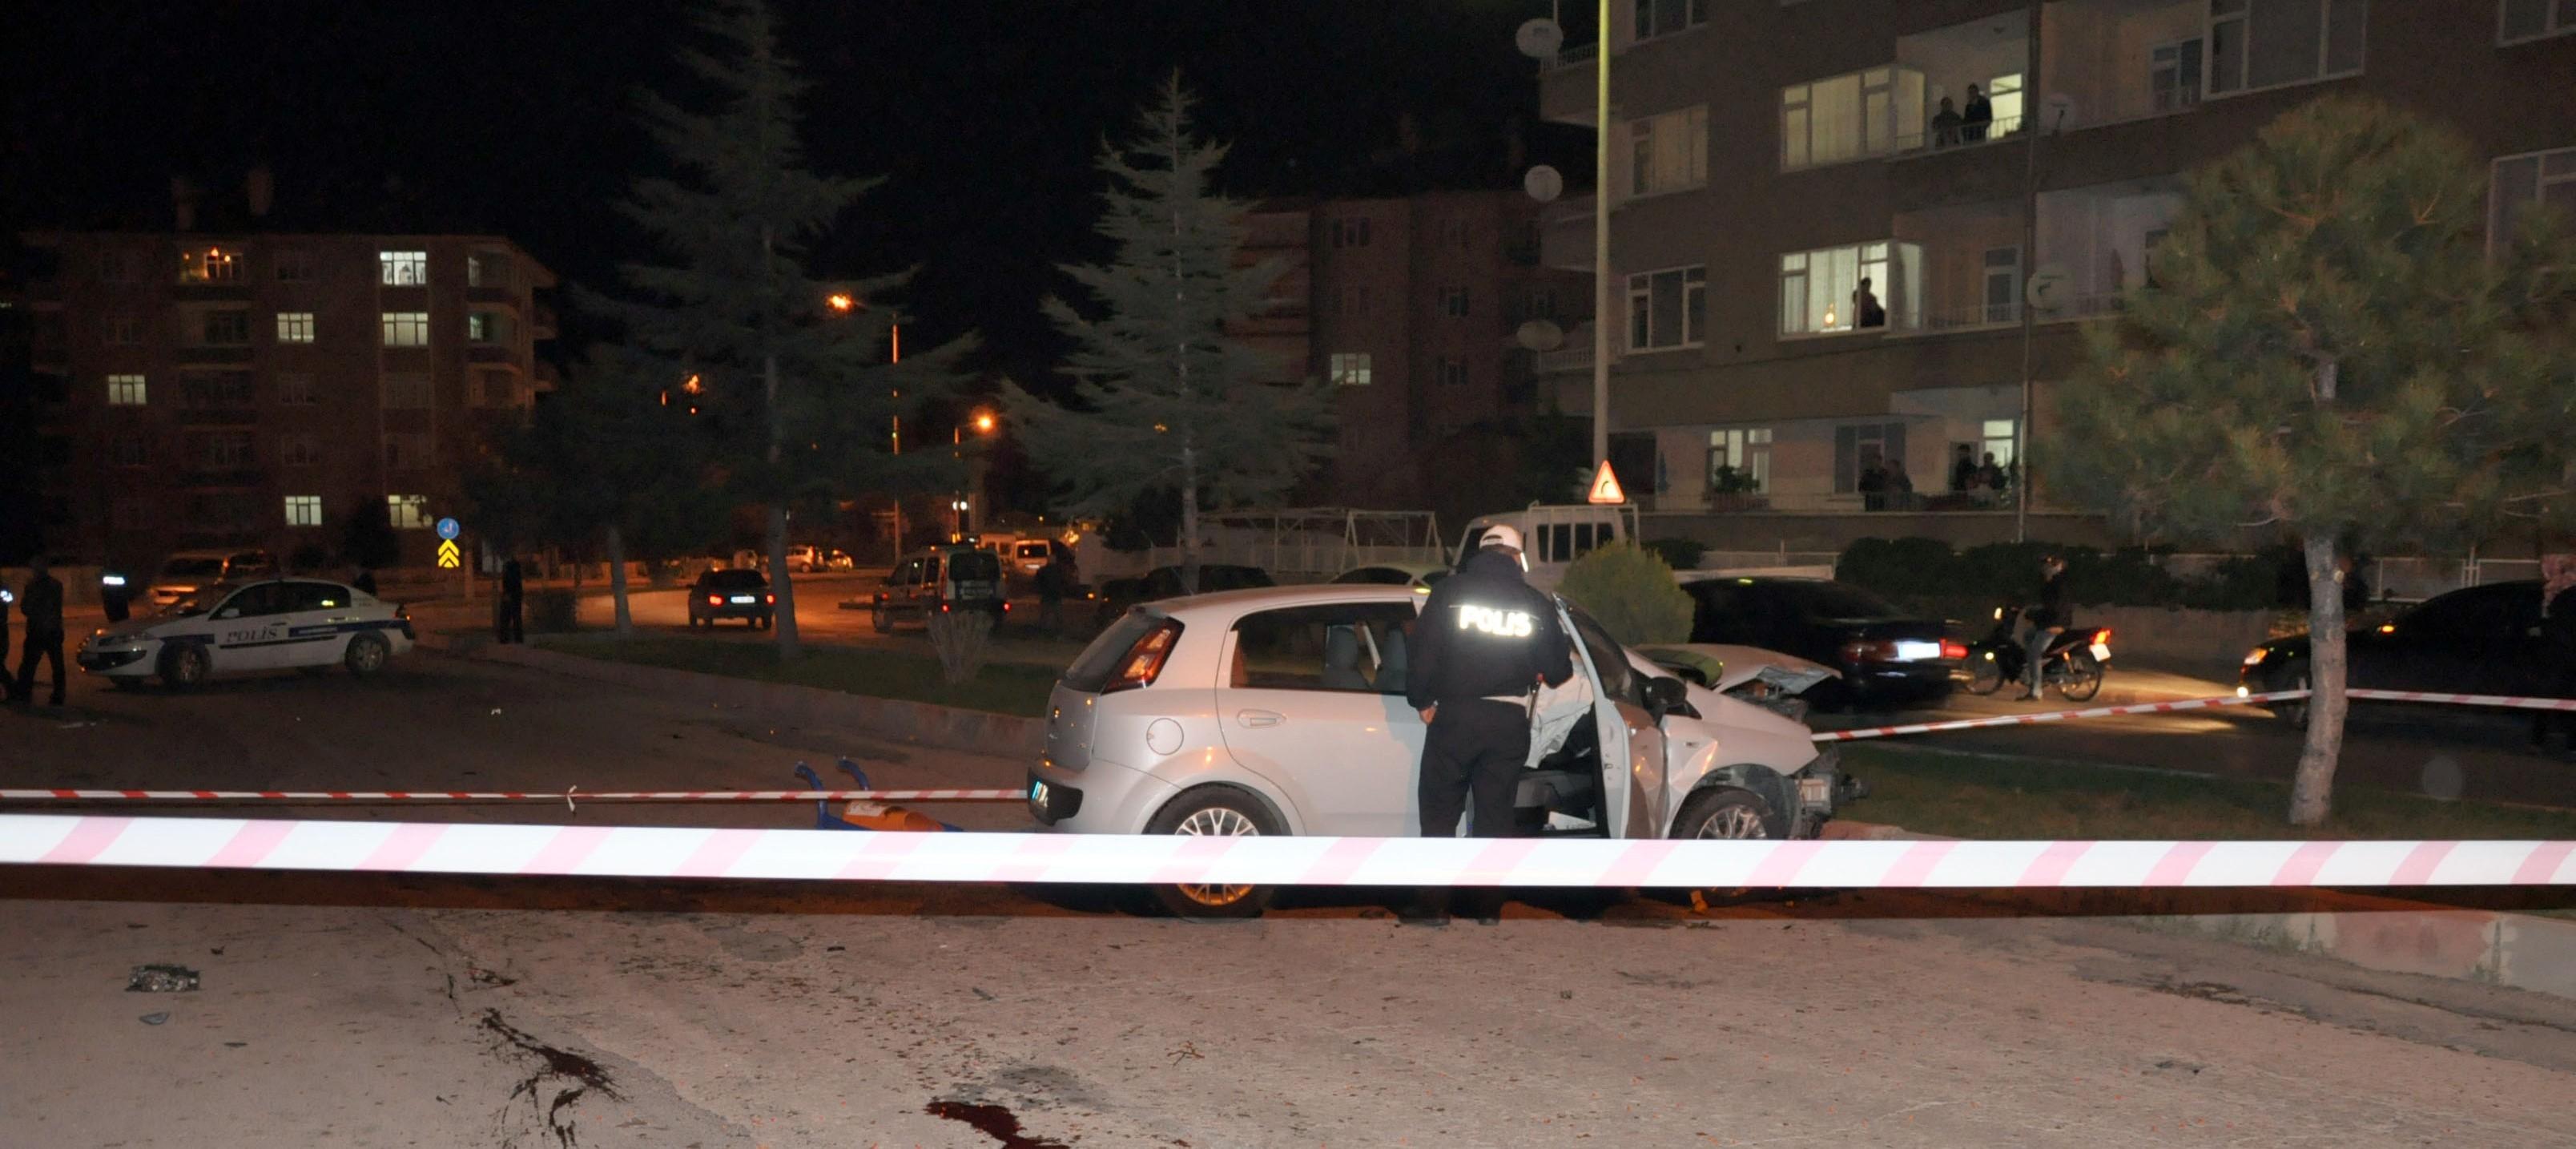 Otomobil durakta bekleyen çifte çarptı: 1 ölü 1 yaralı